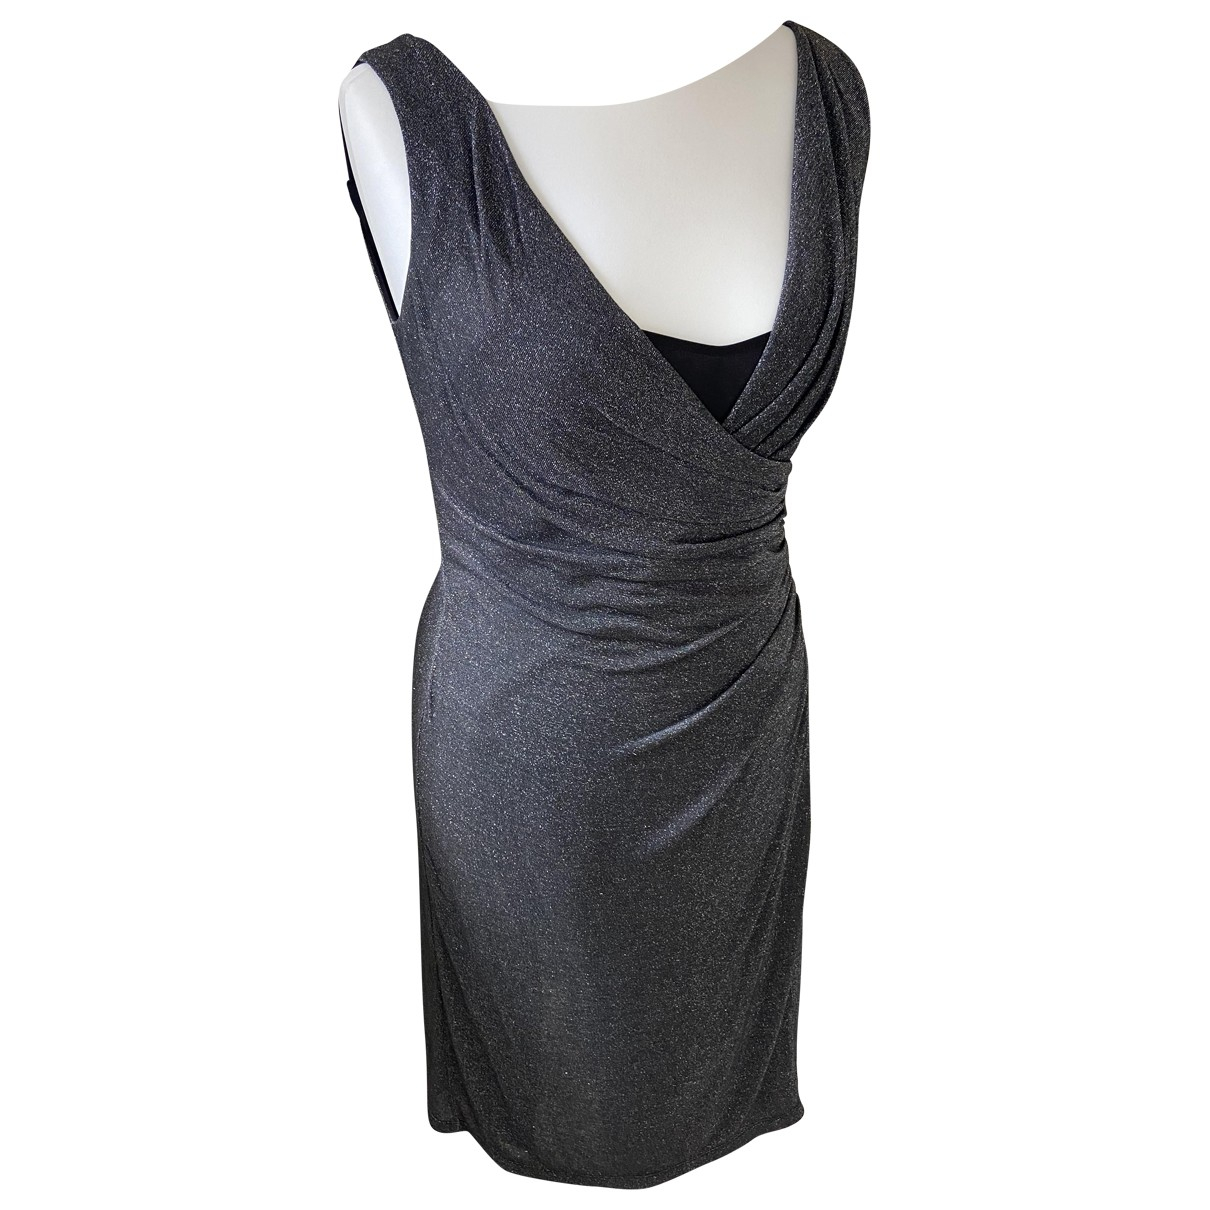 Lk Bennett - Robe   pour femme - argente